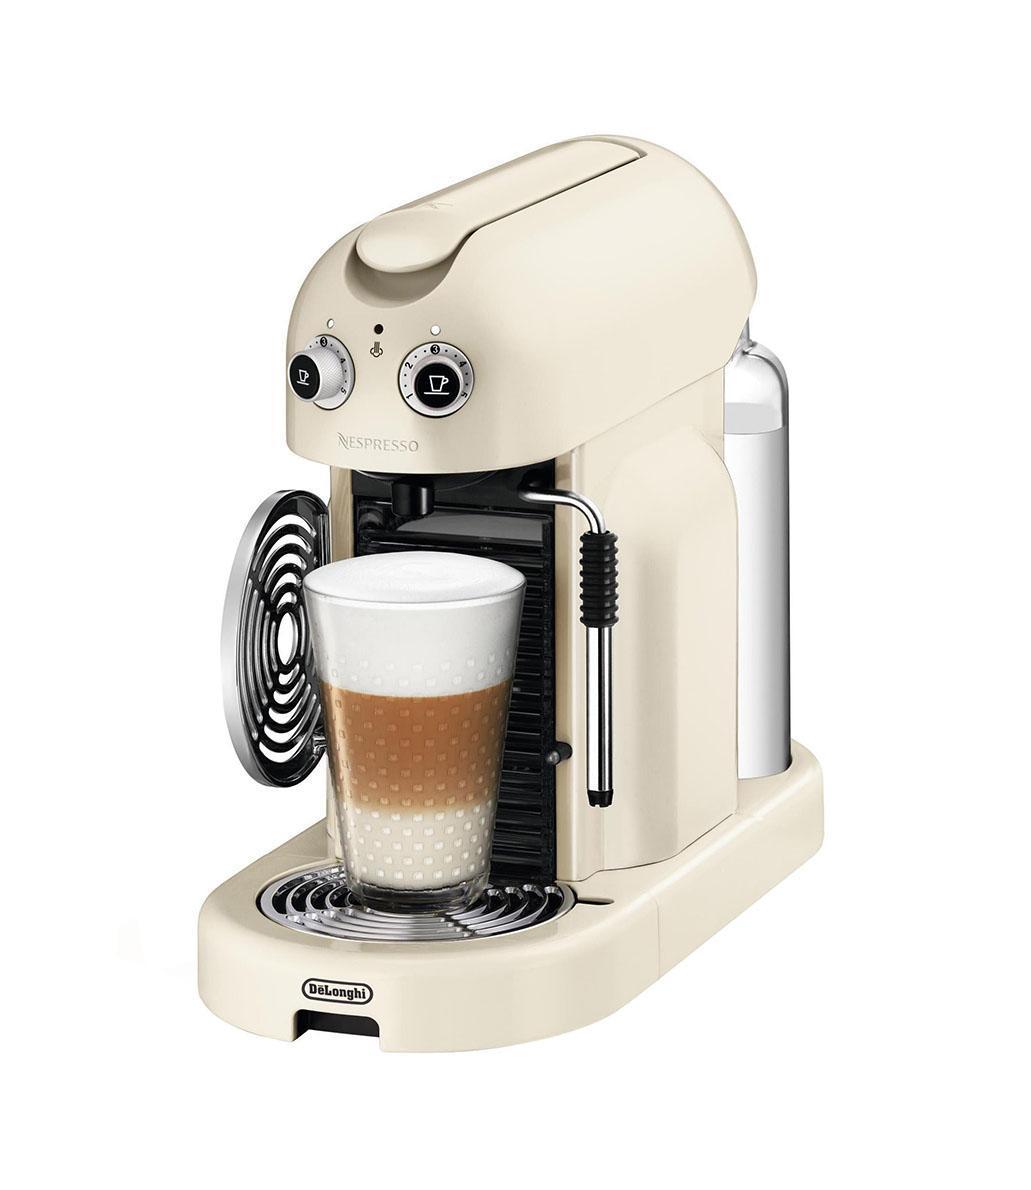 Кофемашина Delonghi En 450 cw